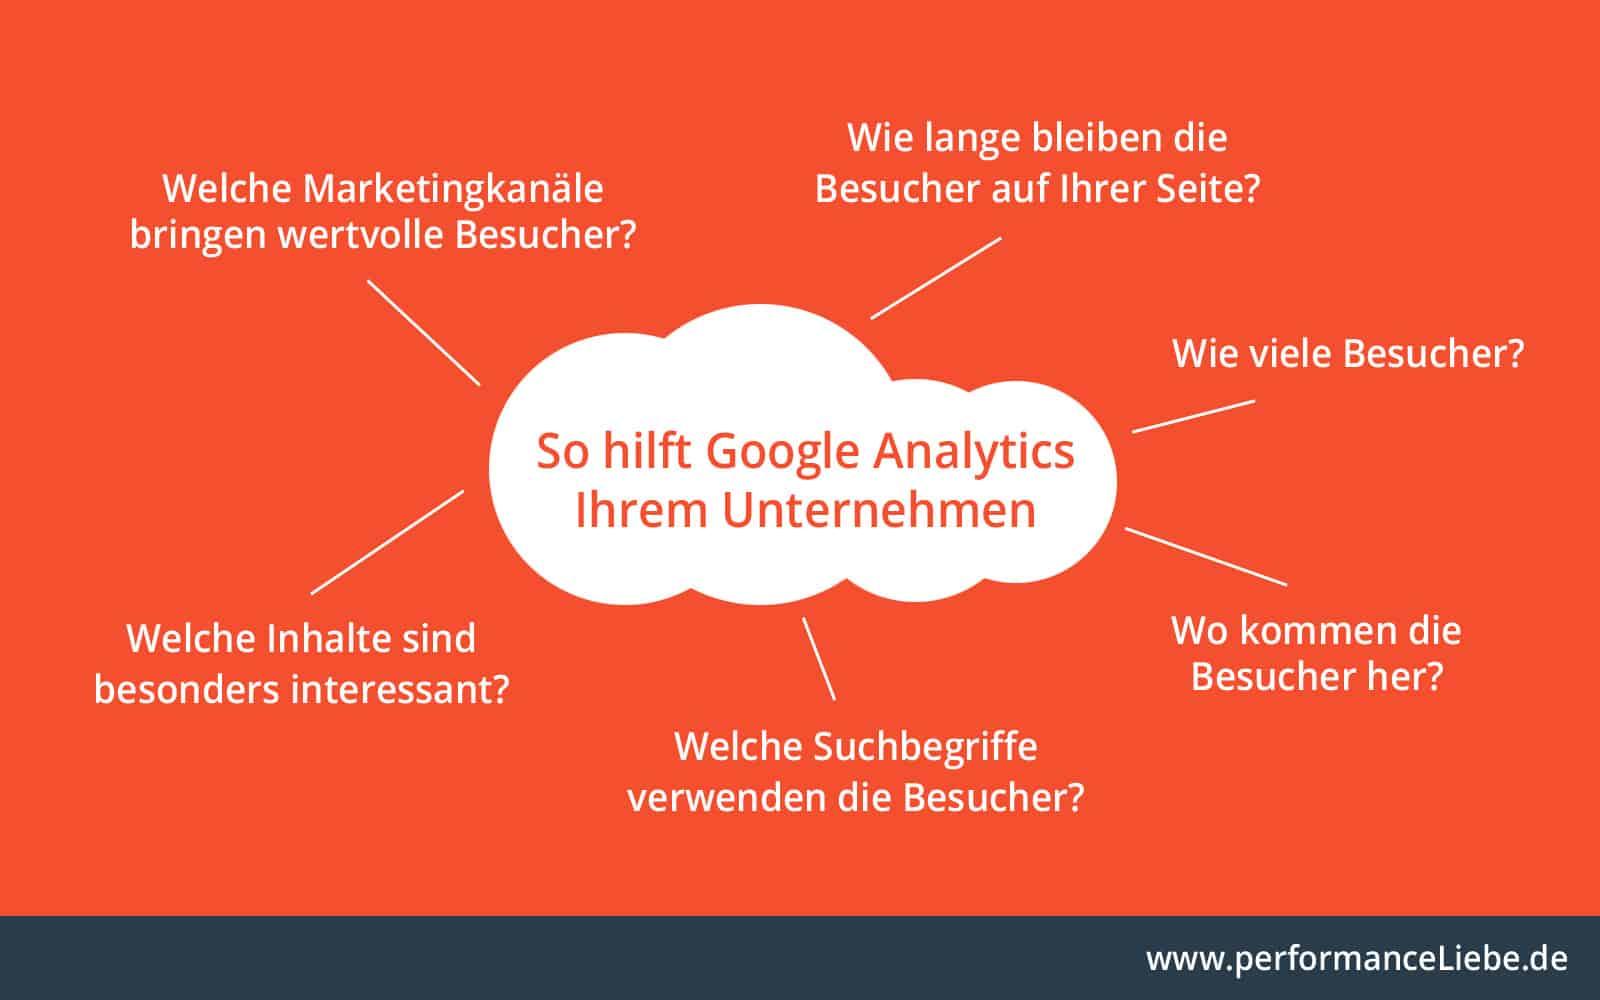 So hilft Google Analytics Ihrem Unternehmen